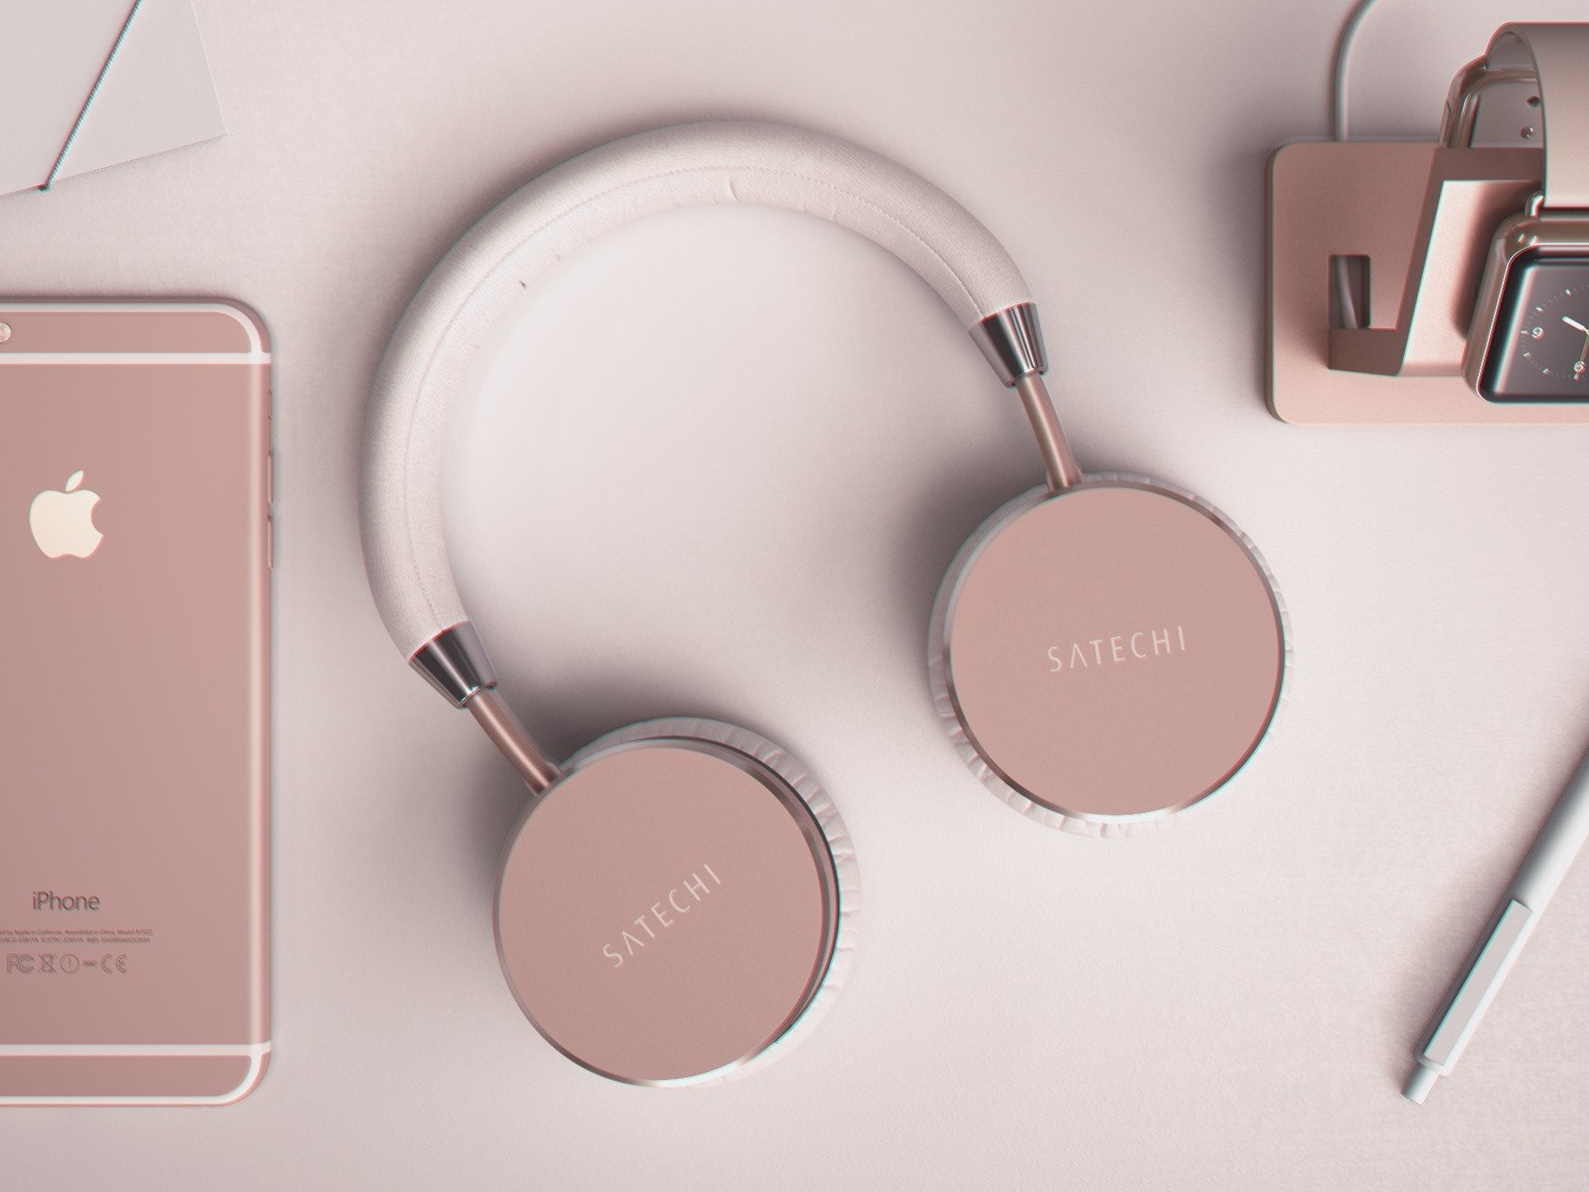 Satechi Aluminium Headphones